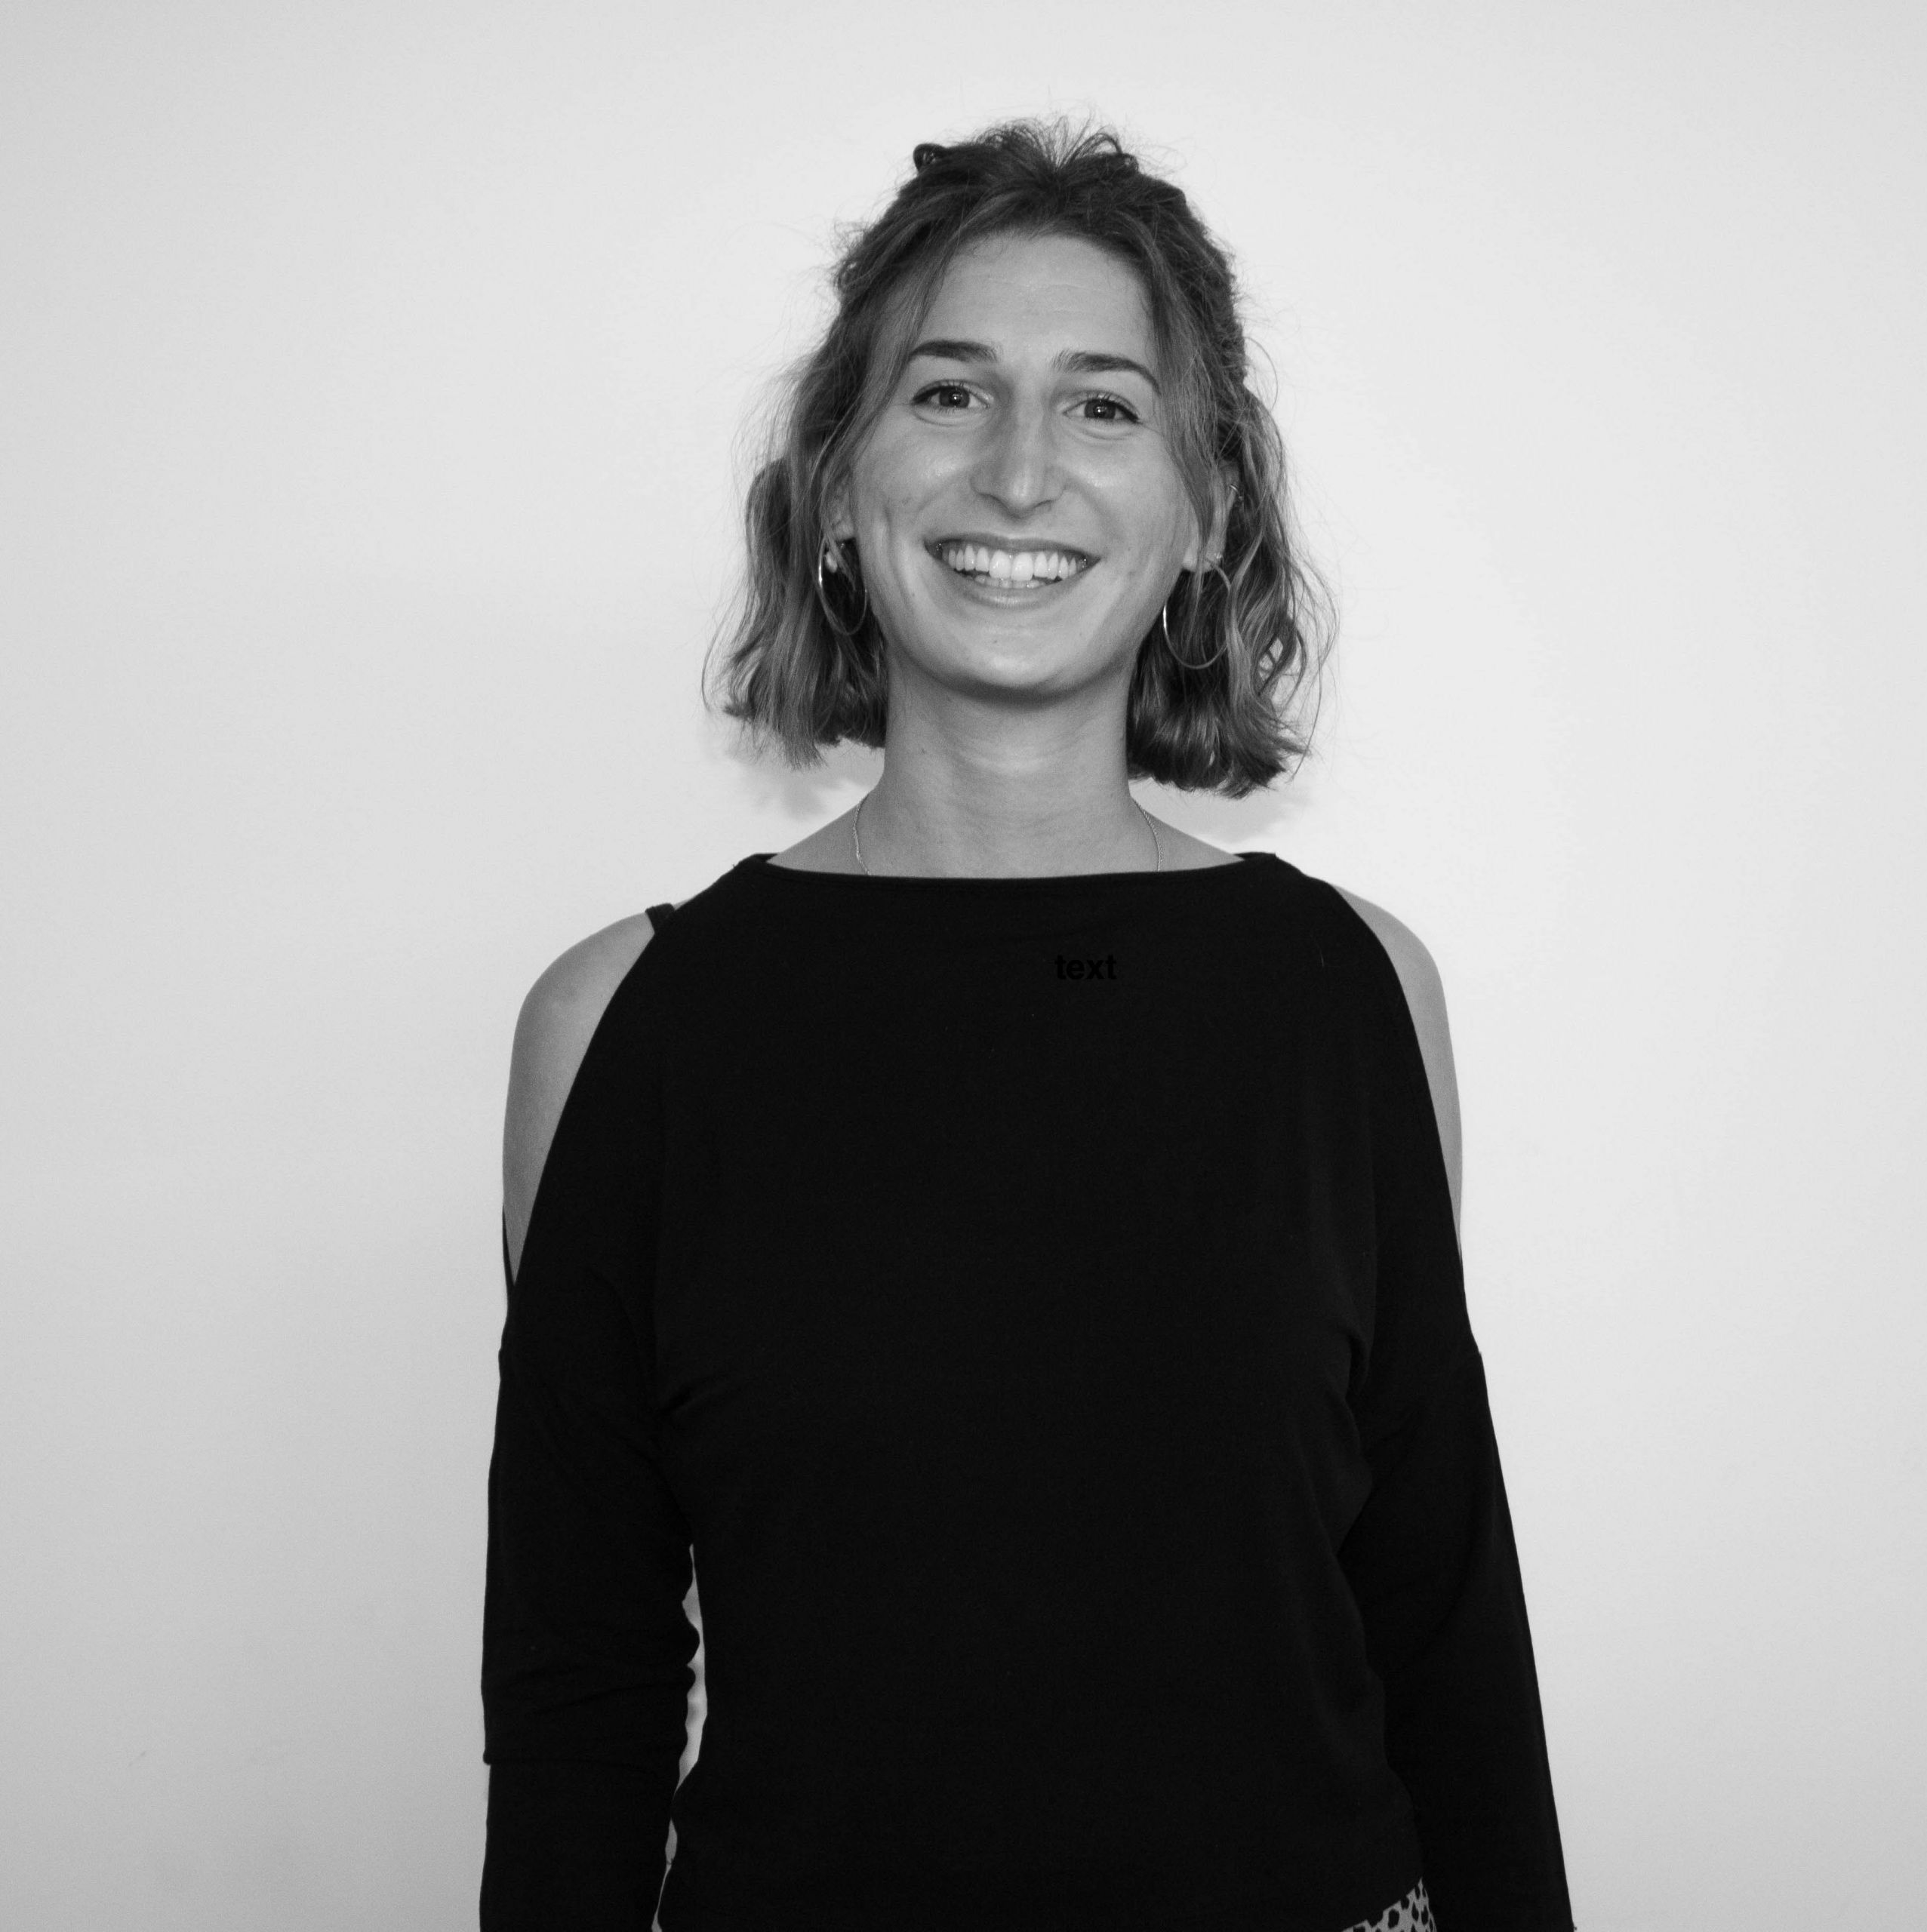 Serena Iordache